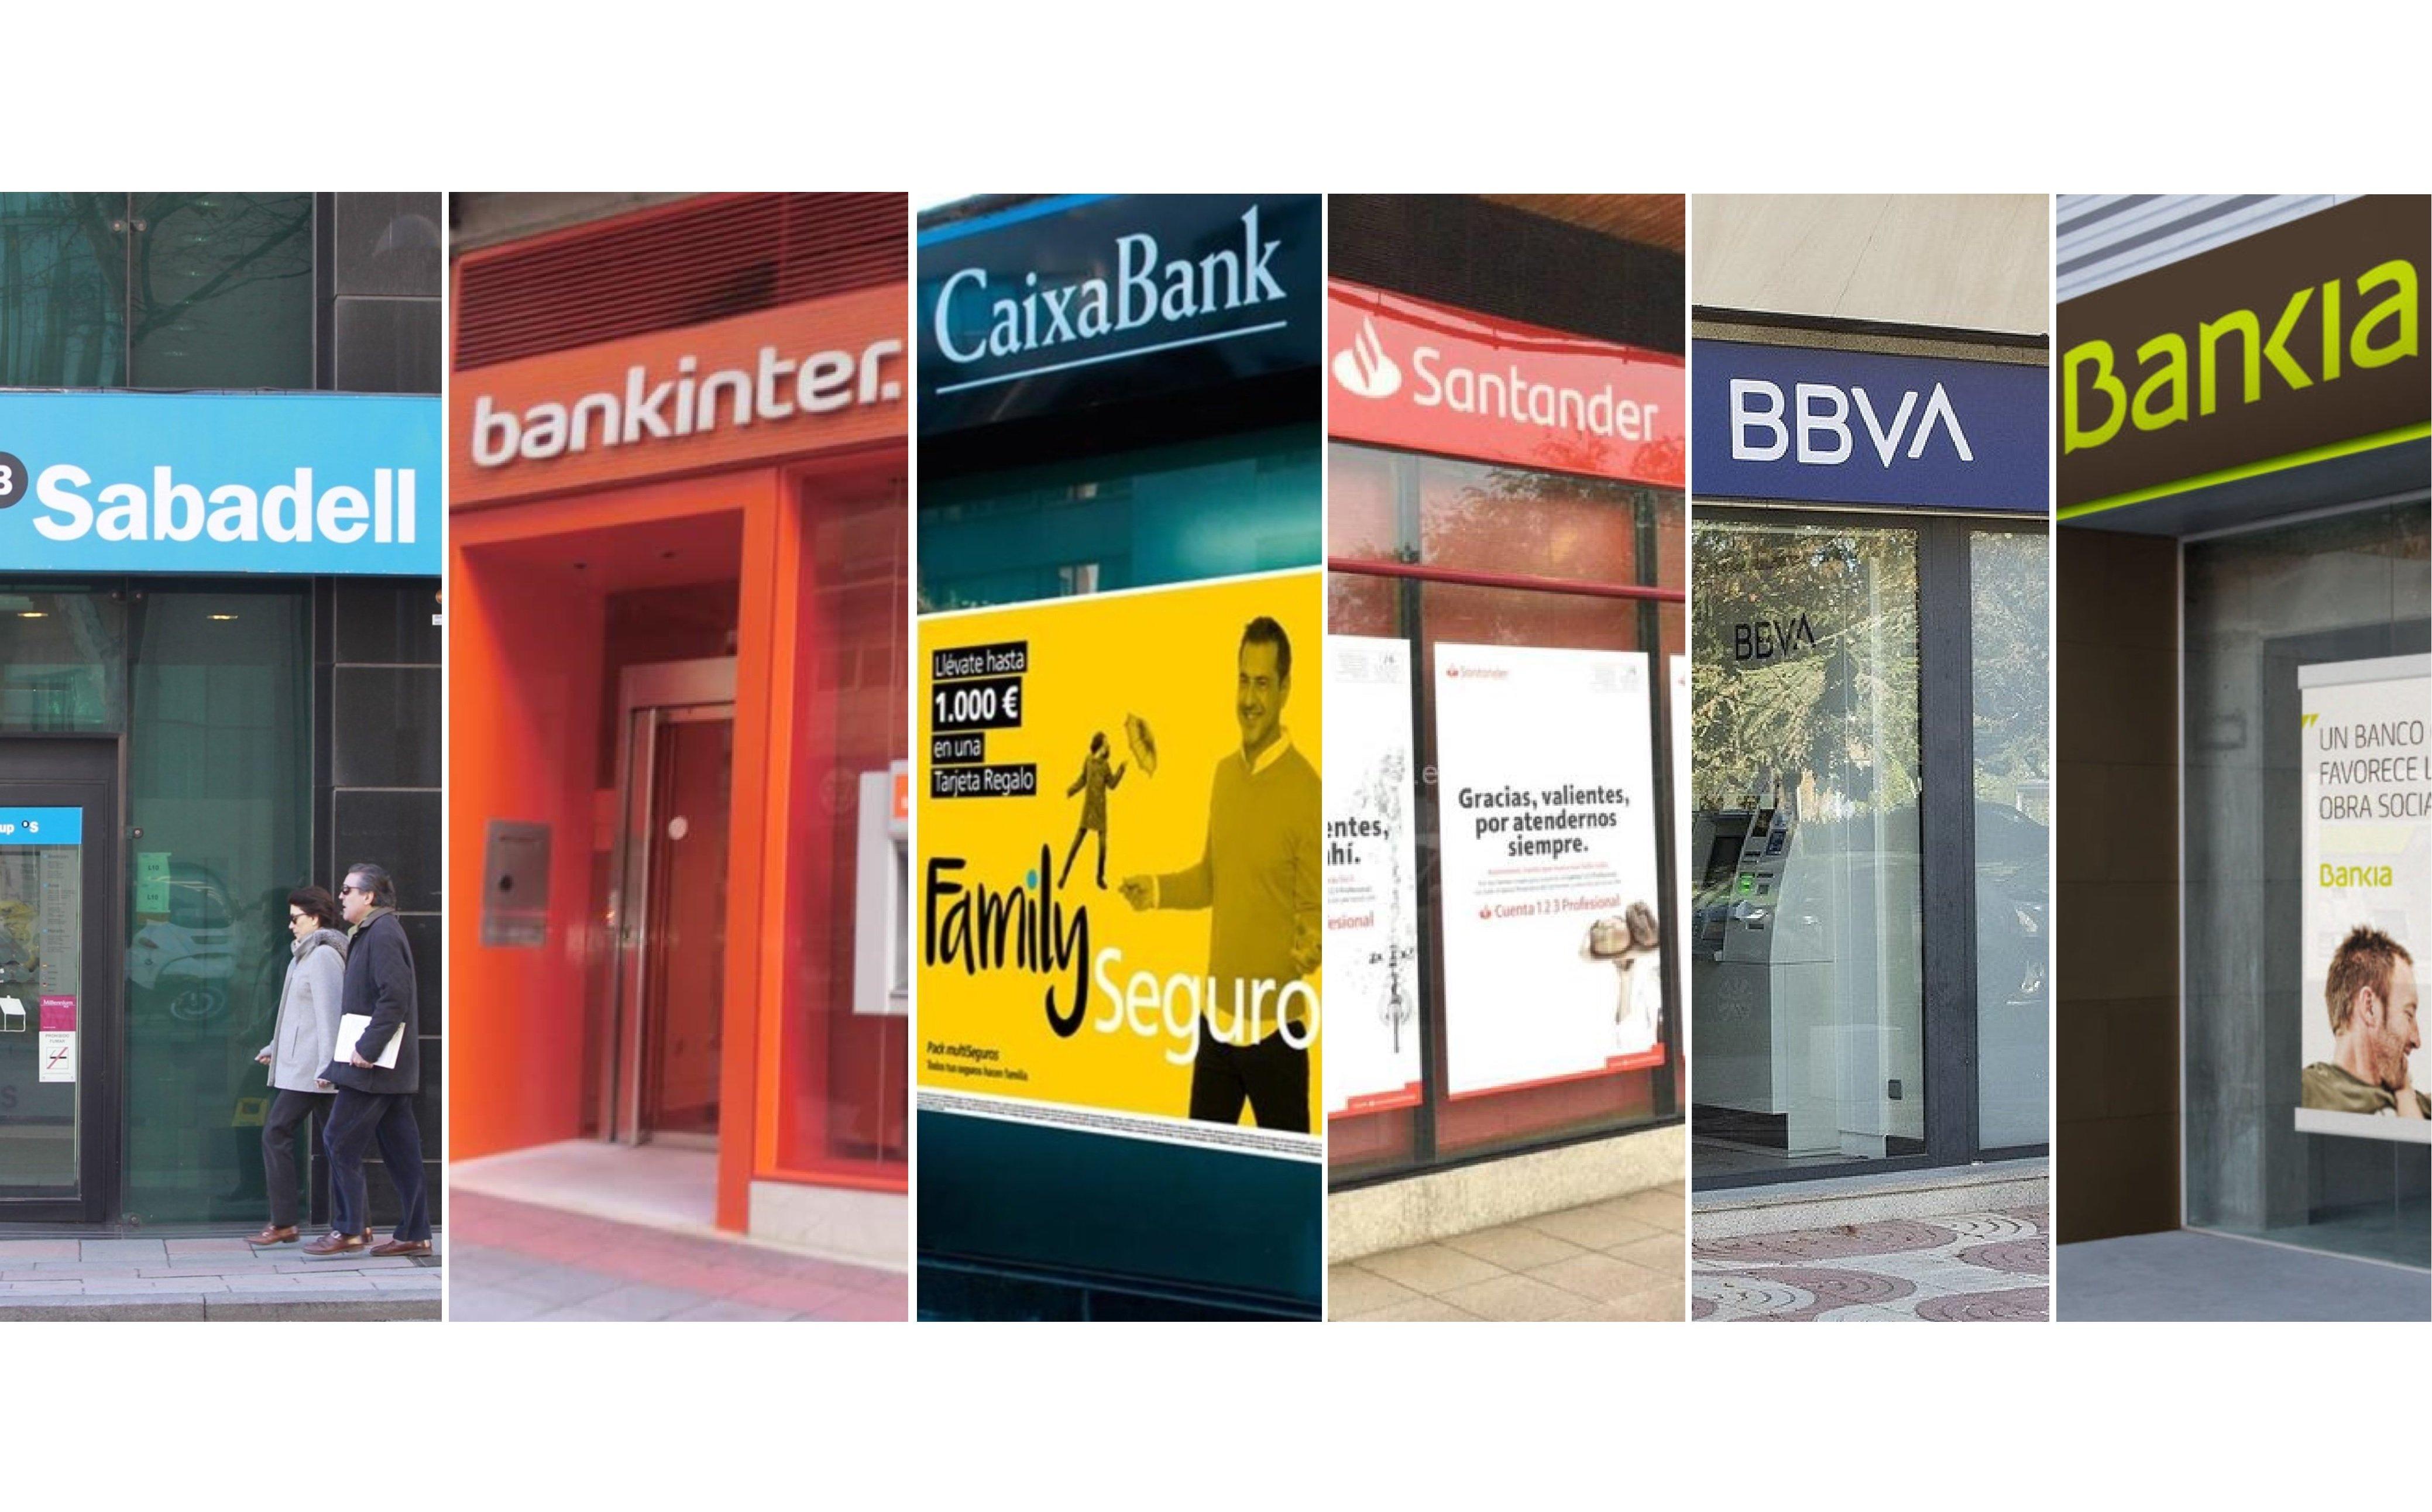 Dos divisiones en la banca española: Sabadell, Bankinter y Caixabank en la primera, y Santander, BBVA y Bankia en la segunda